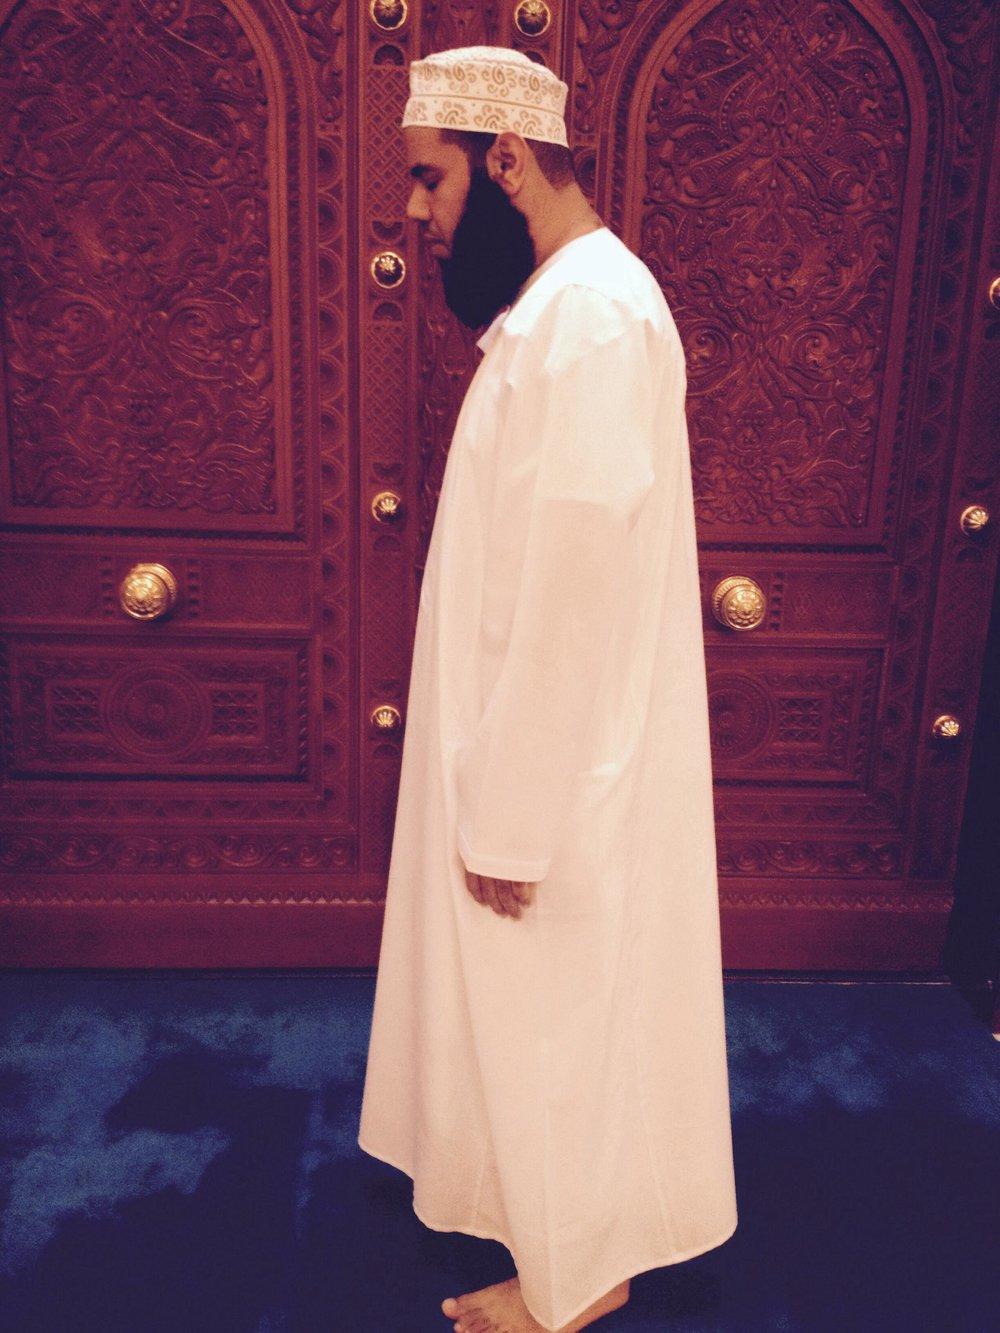 Ibadhi Imam Zahir Salim Ali al-Abdulsalam utfører bønn i henhold til ibadi's måte, i motsetningen til en sunni som står med hendene på brystet, står en ibadi med armene rett ned.Foto:Kjersti S. Macdonald Aursnes